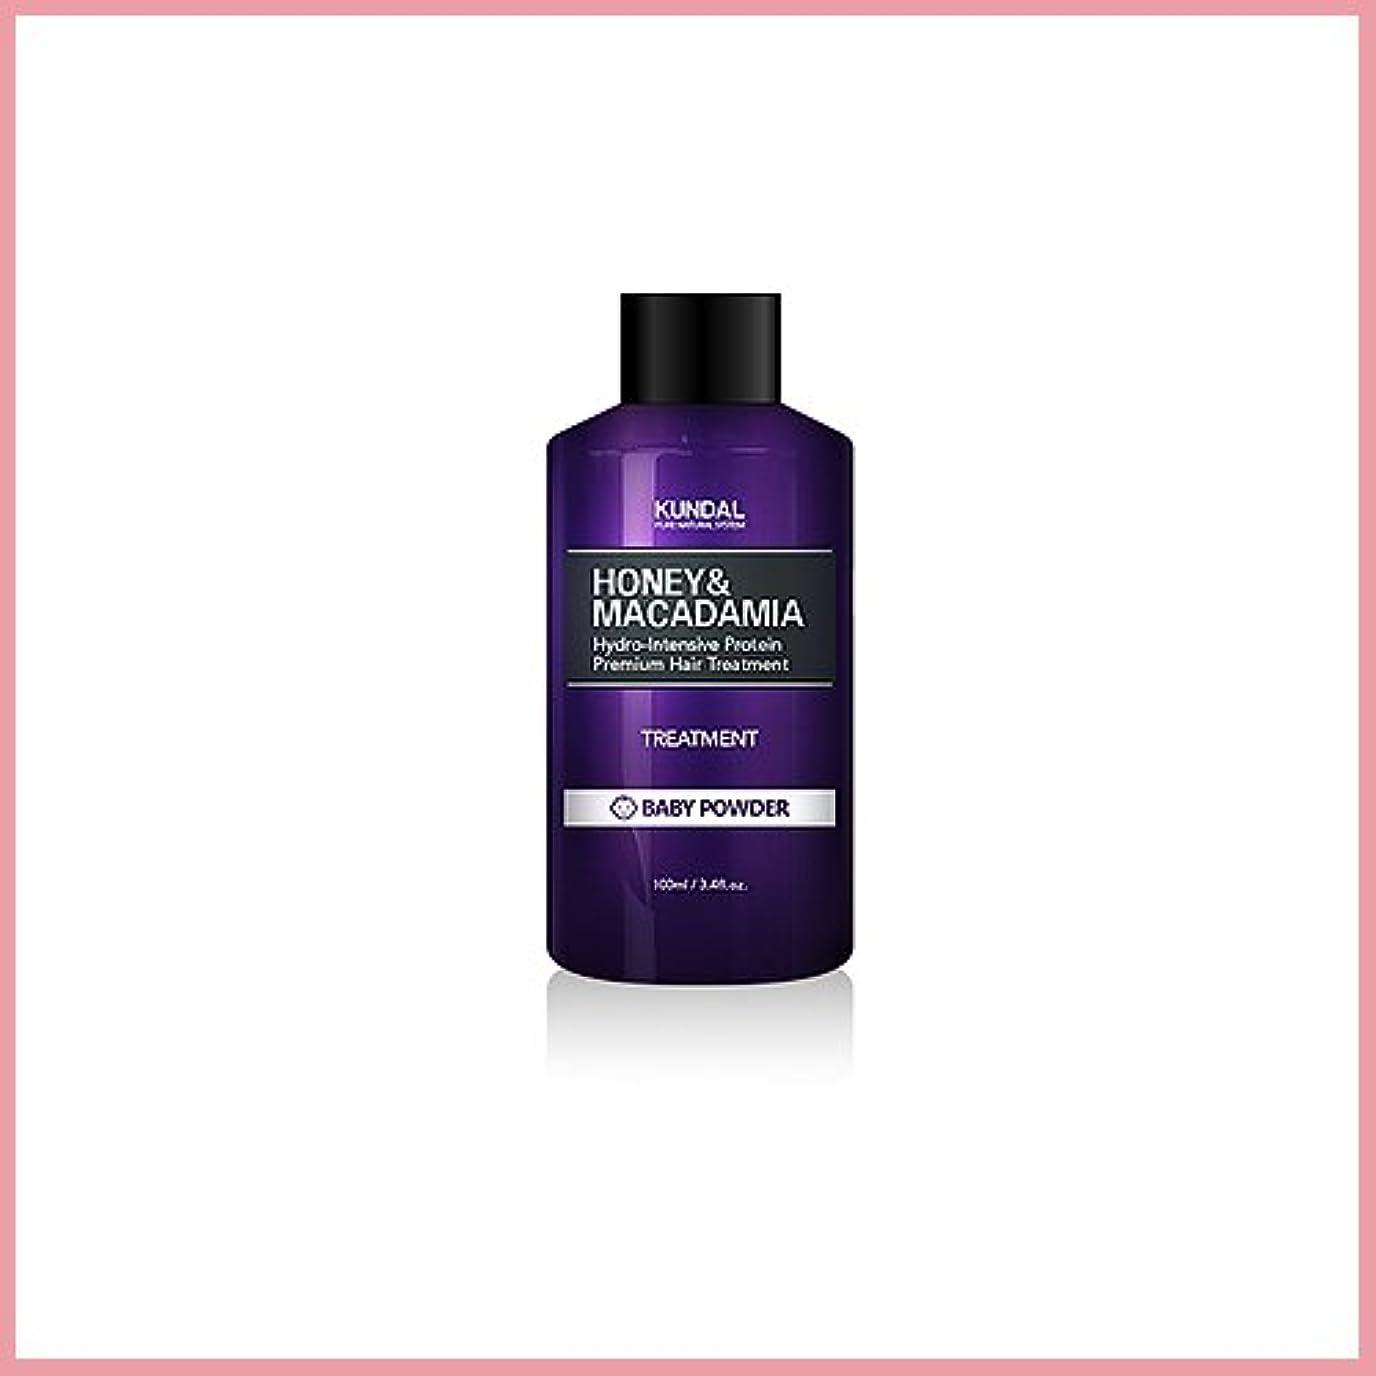 ピニオン無視健全[KUNDAL/クンダル] Kundal Premium Hair Treatment 100ml [2017年韓国満足度1位][TTBEAUTY][韓国コスメ]